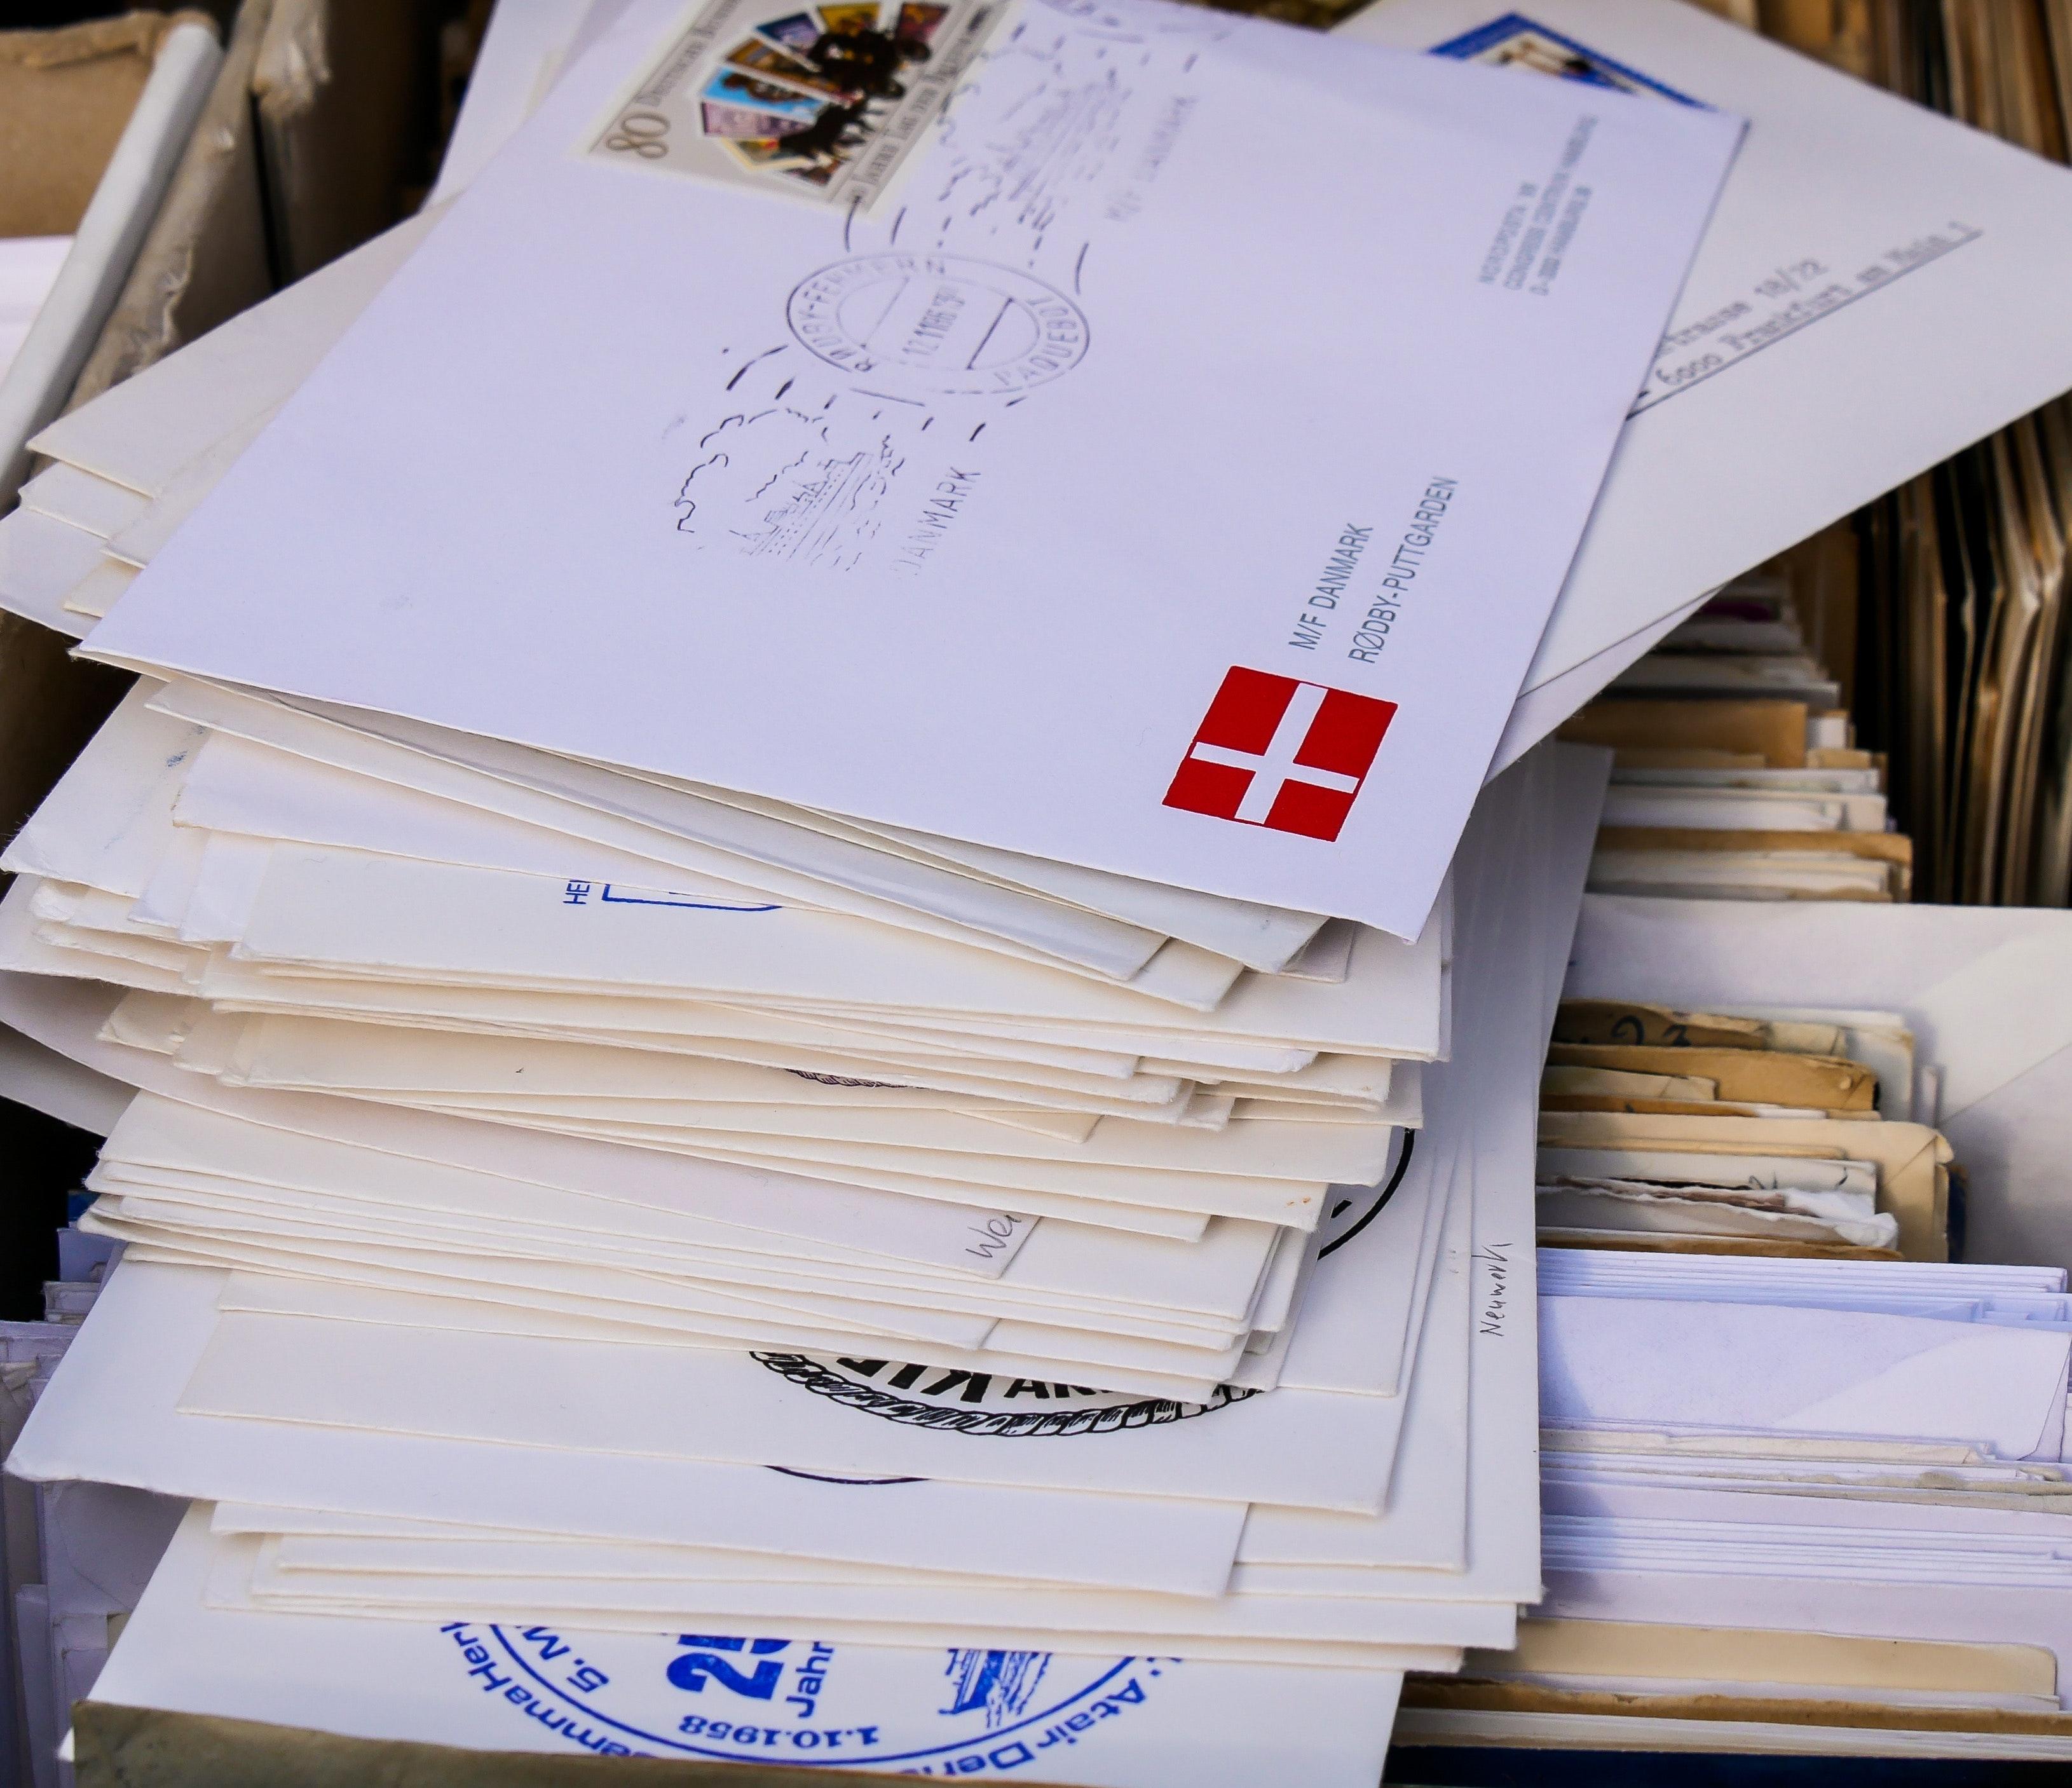 Portoerhöhung für Standardbriefe erhöht Verlust für Ärzte von 15 auf 25 Cent pro Brief